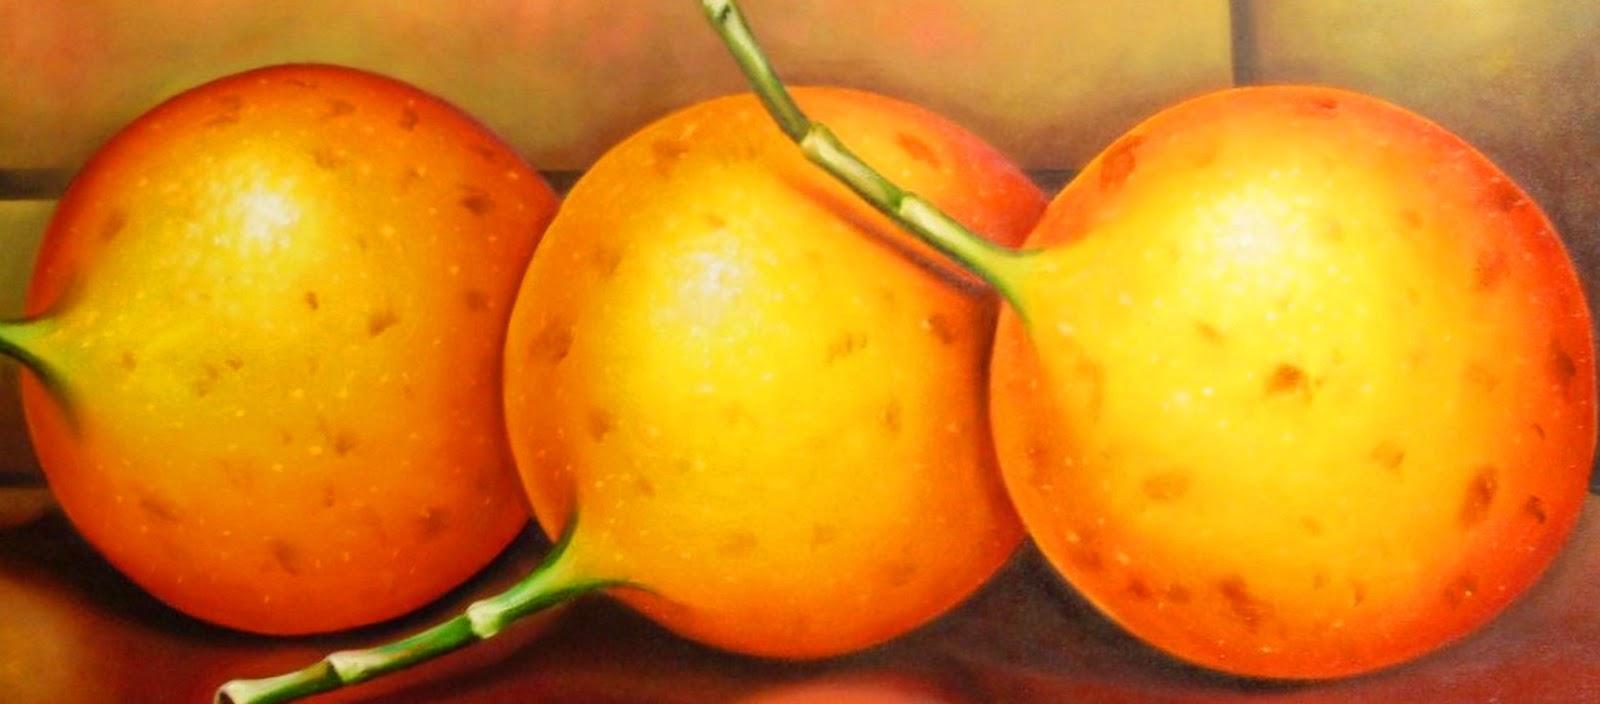 Imágenes Arte Pinturas: Bodegones Faciles